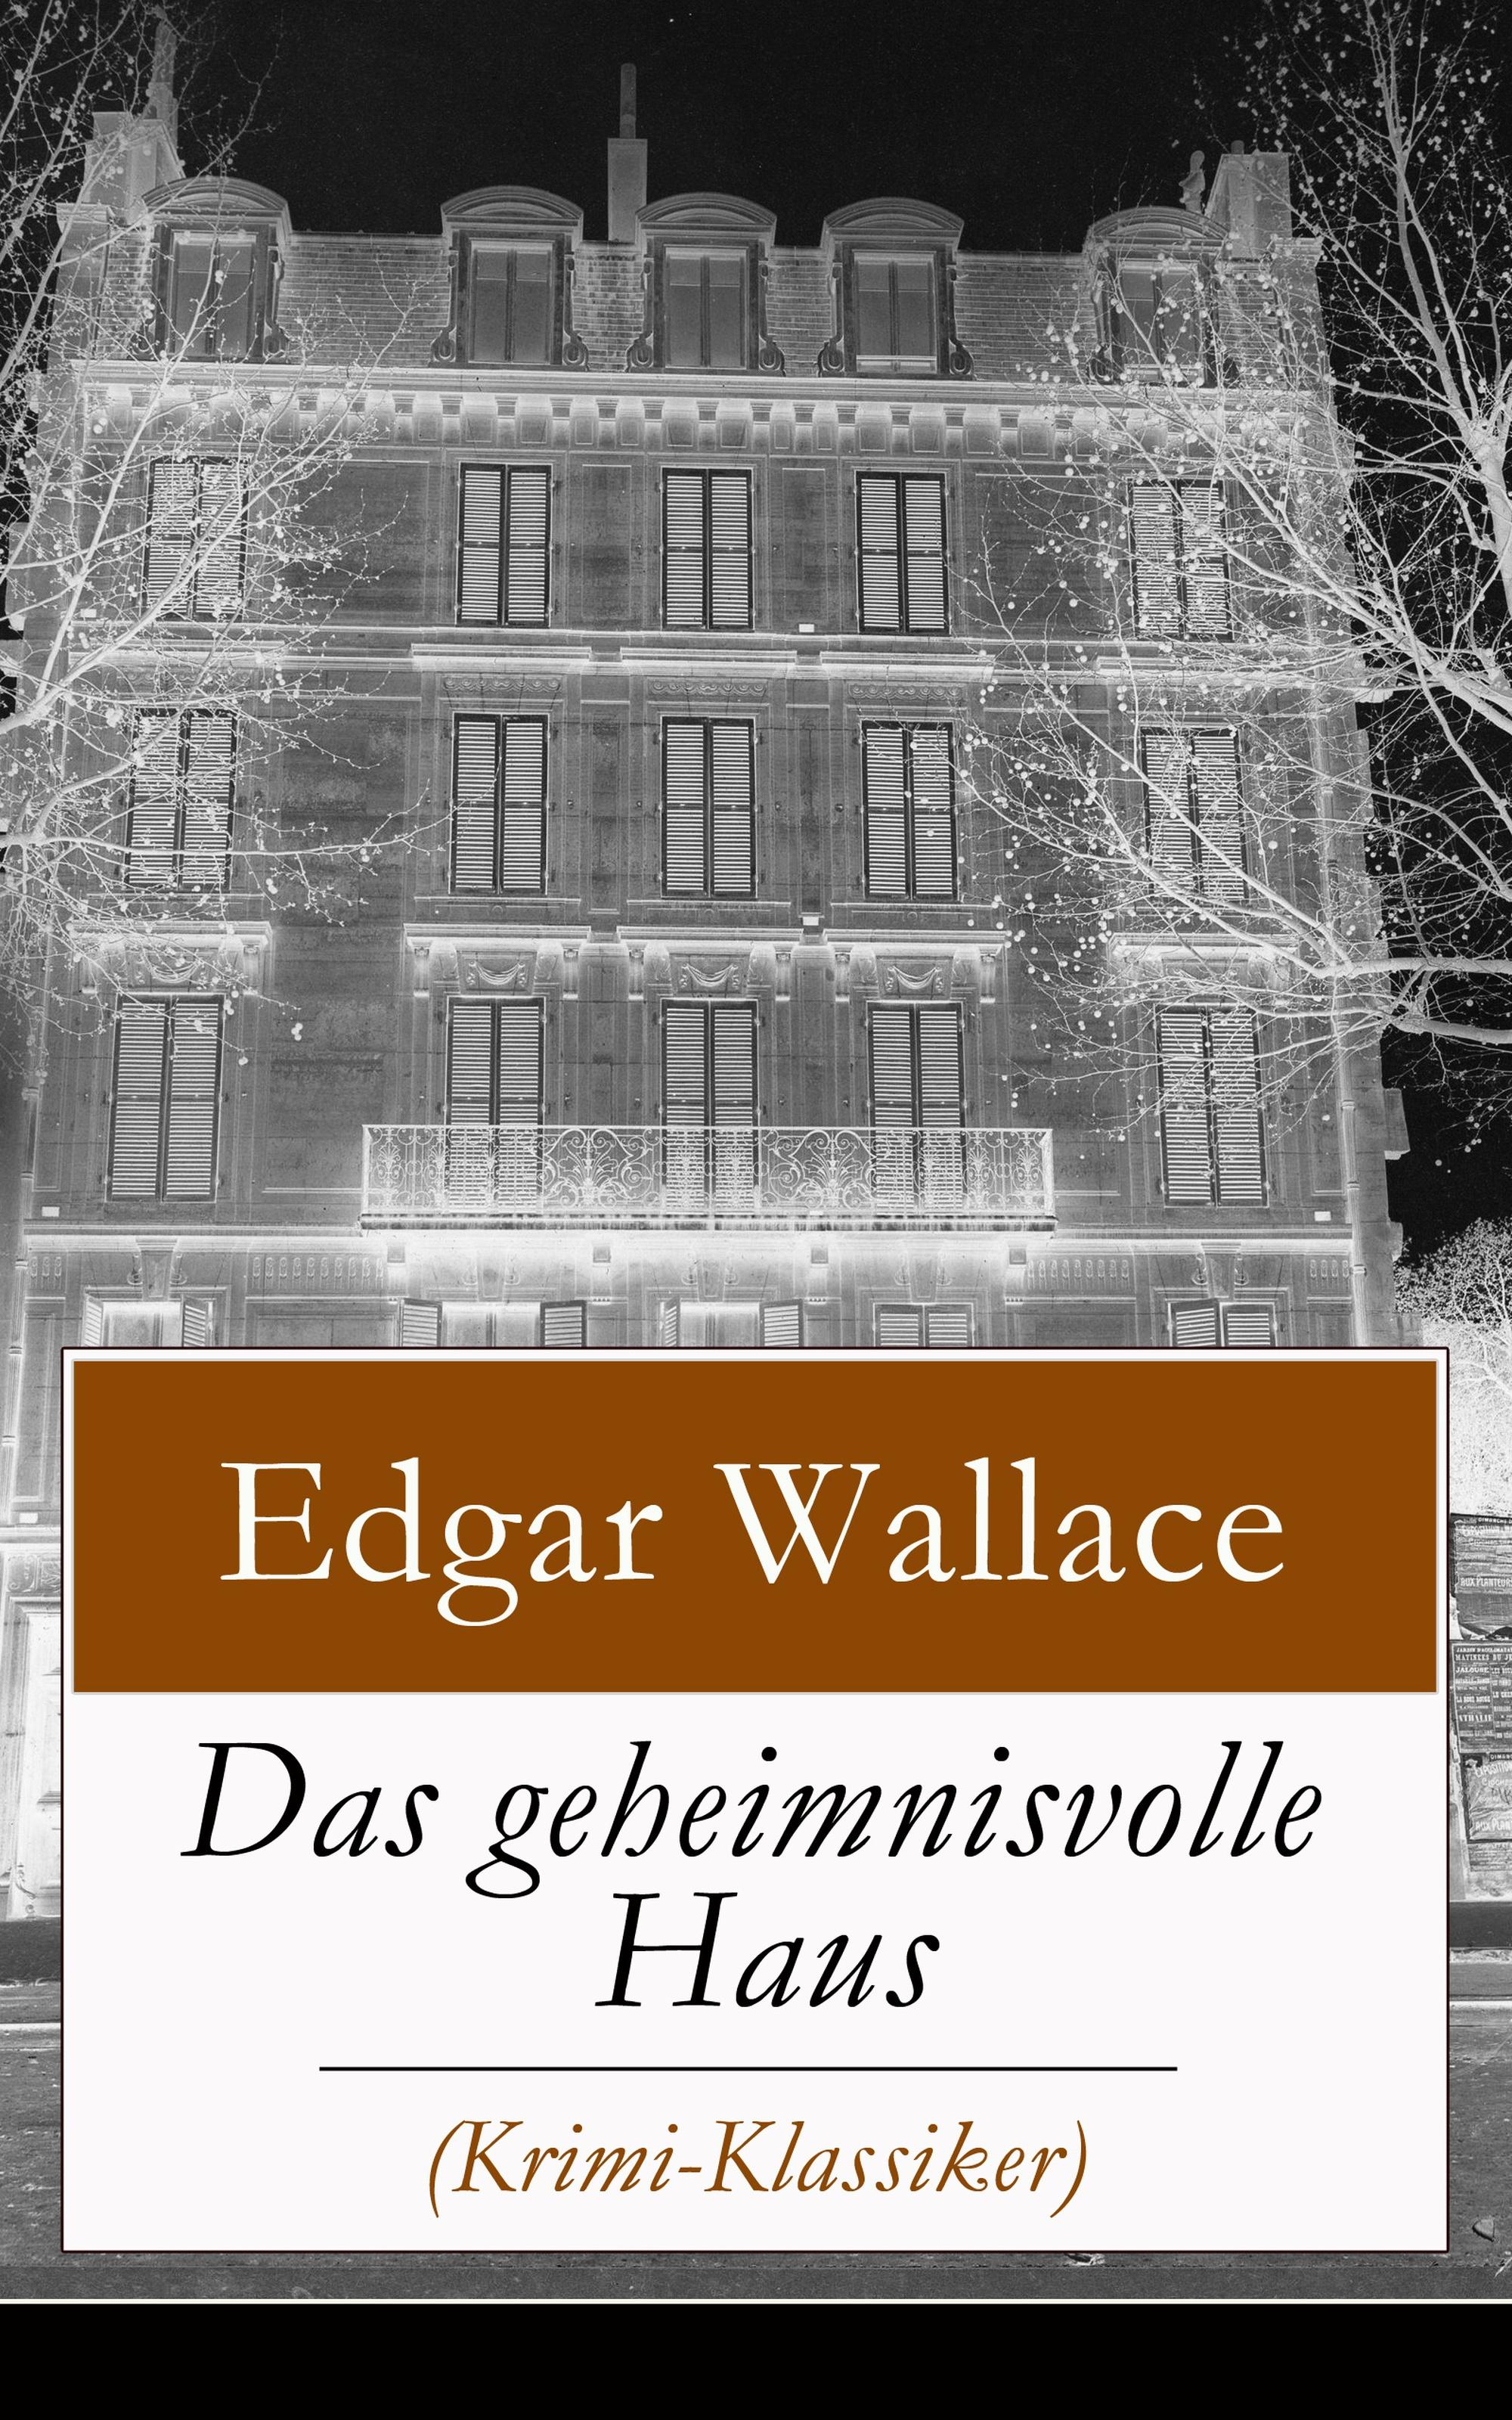 Edgar Wallace Das geheimnisvolle Haus (Krimi-Klassiker) frieser claudia oskar und das geheimnisvolle volk